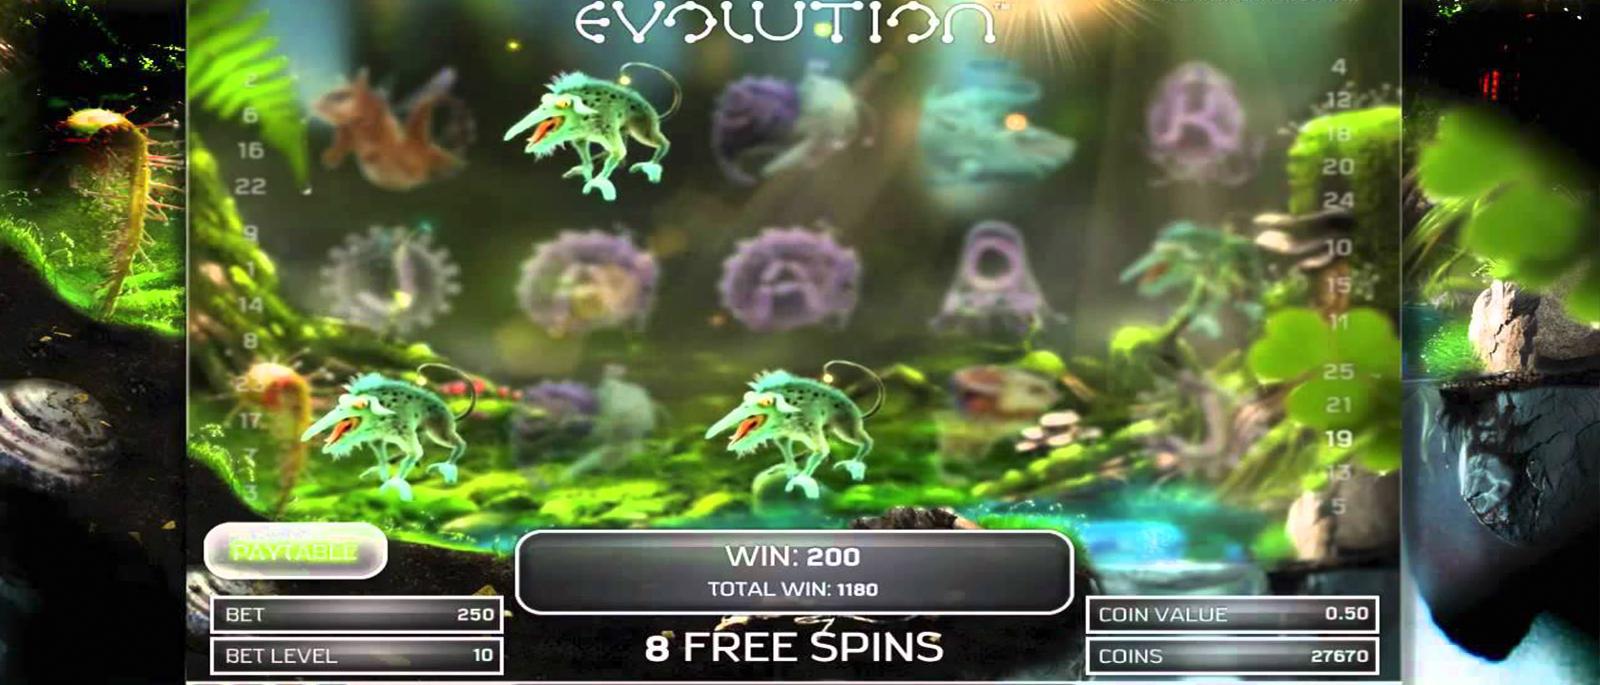 EVOLUTION – EINFÜHRUNG ZU DEM VIDEOSPIEL